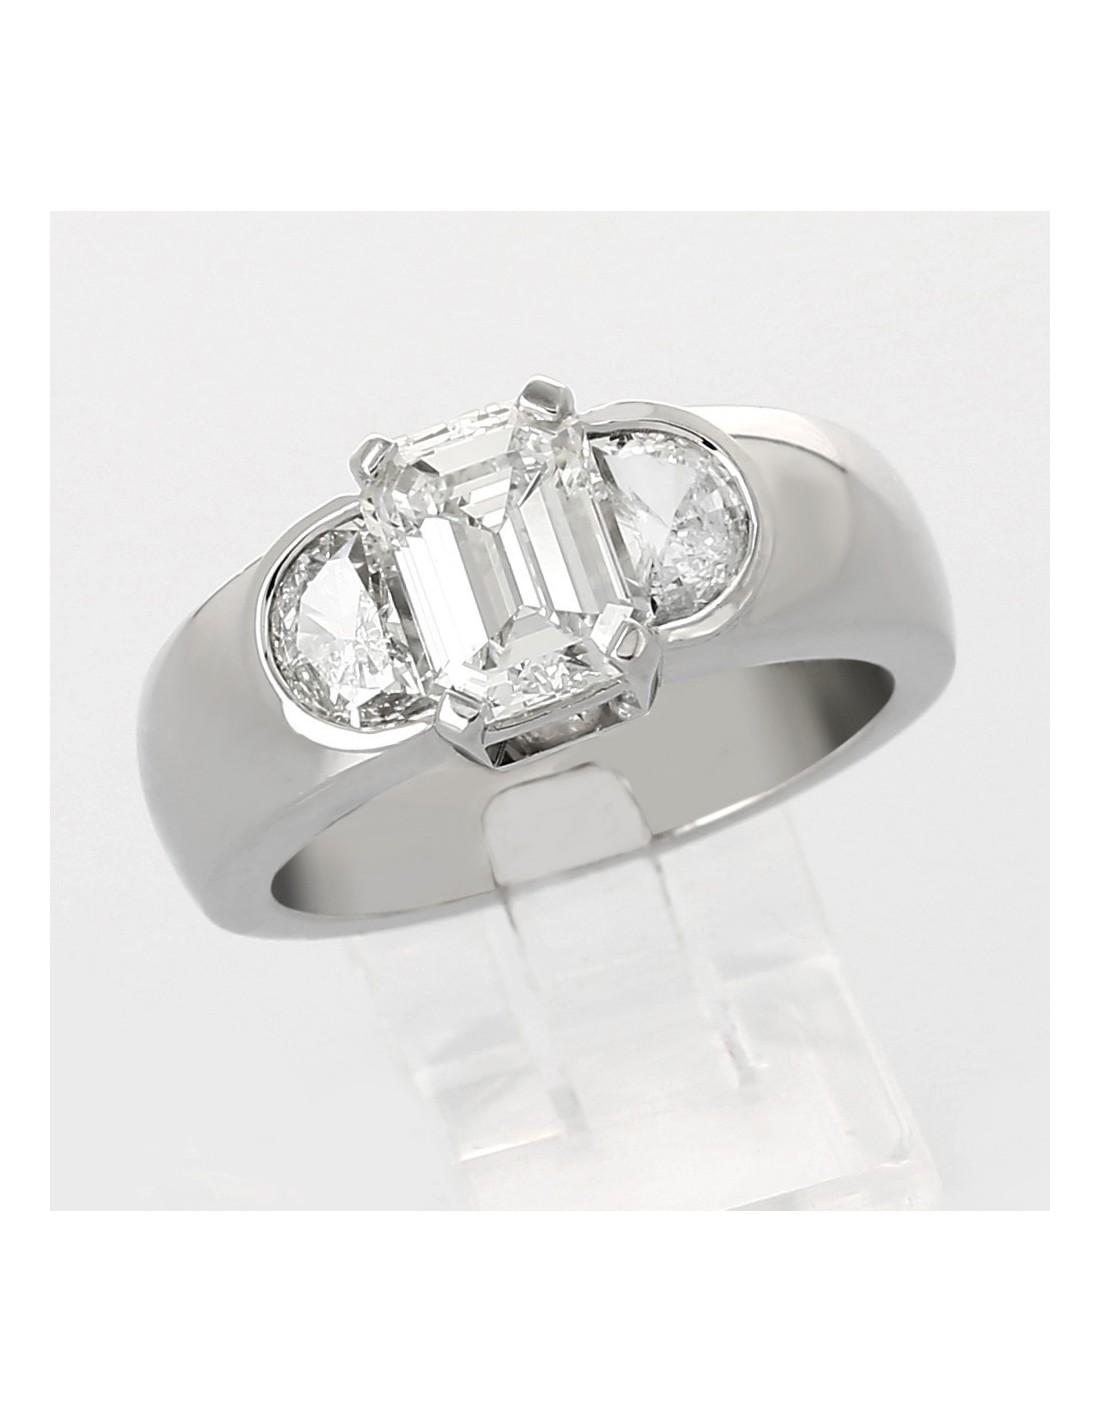 Bien connu Bague de fiancailles en or 18 carats serti d'un diamant taille  GF91